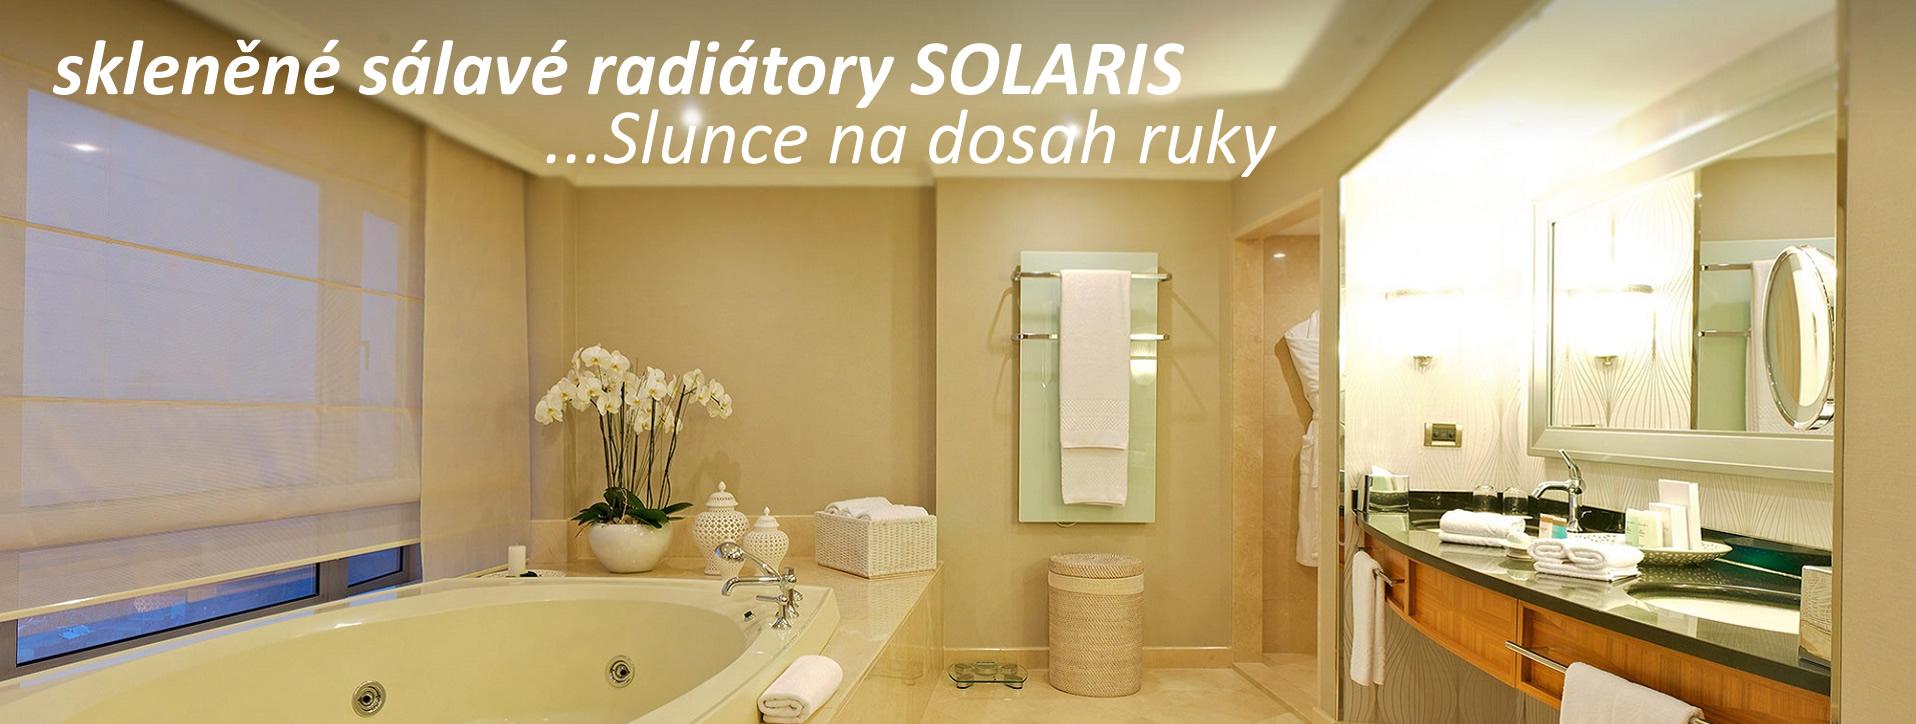 Skleněné sálavé infra radiátory SOLARIS